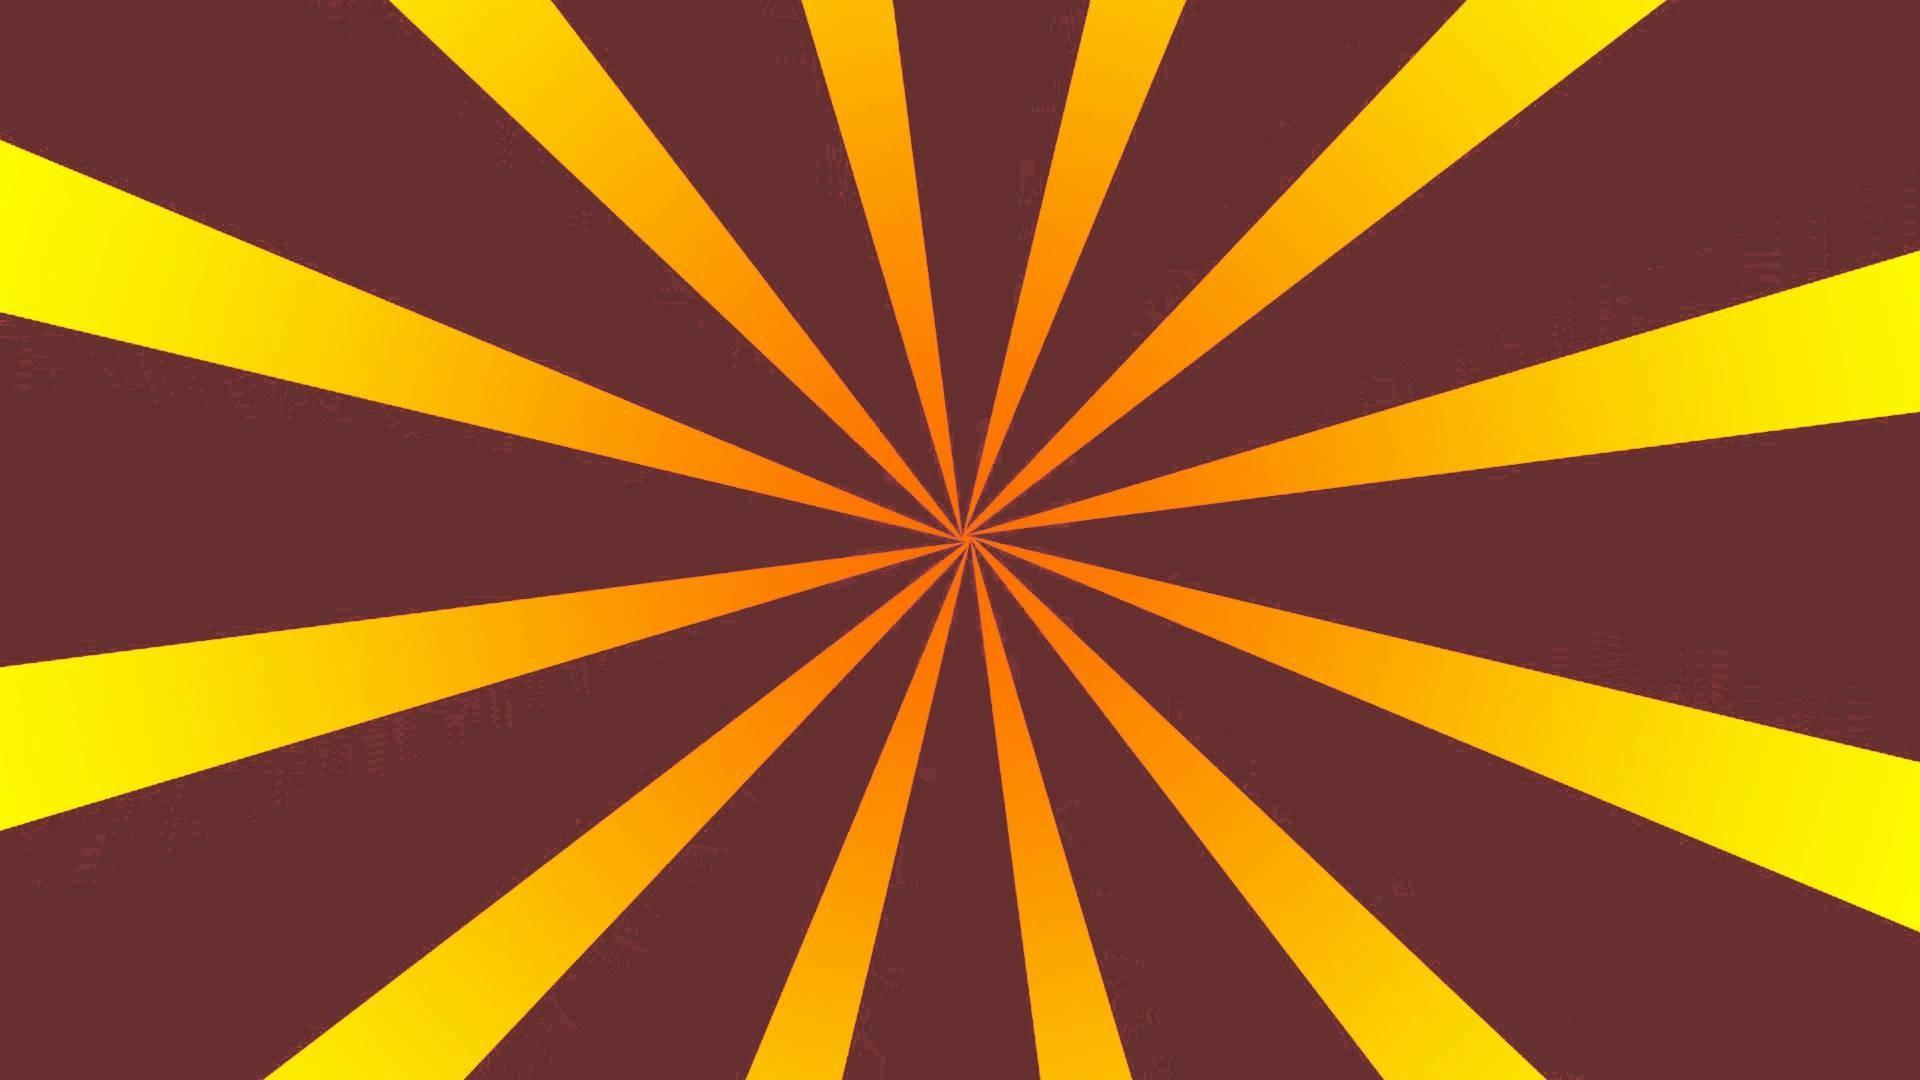 Odell Beckham Jr Wallpaper Hd Cool Orange Backgrounds 183 ①